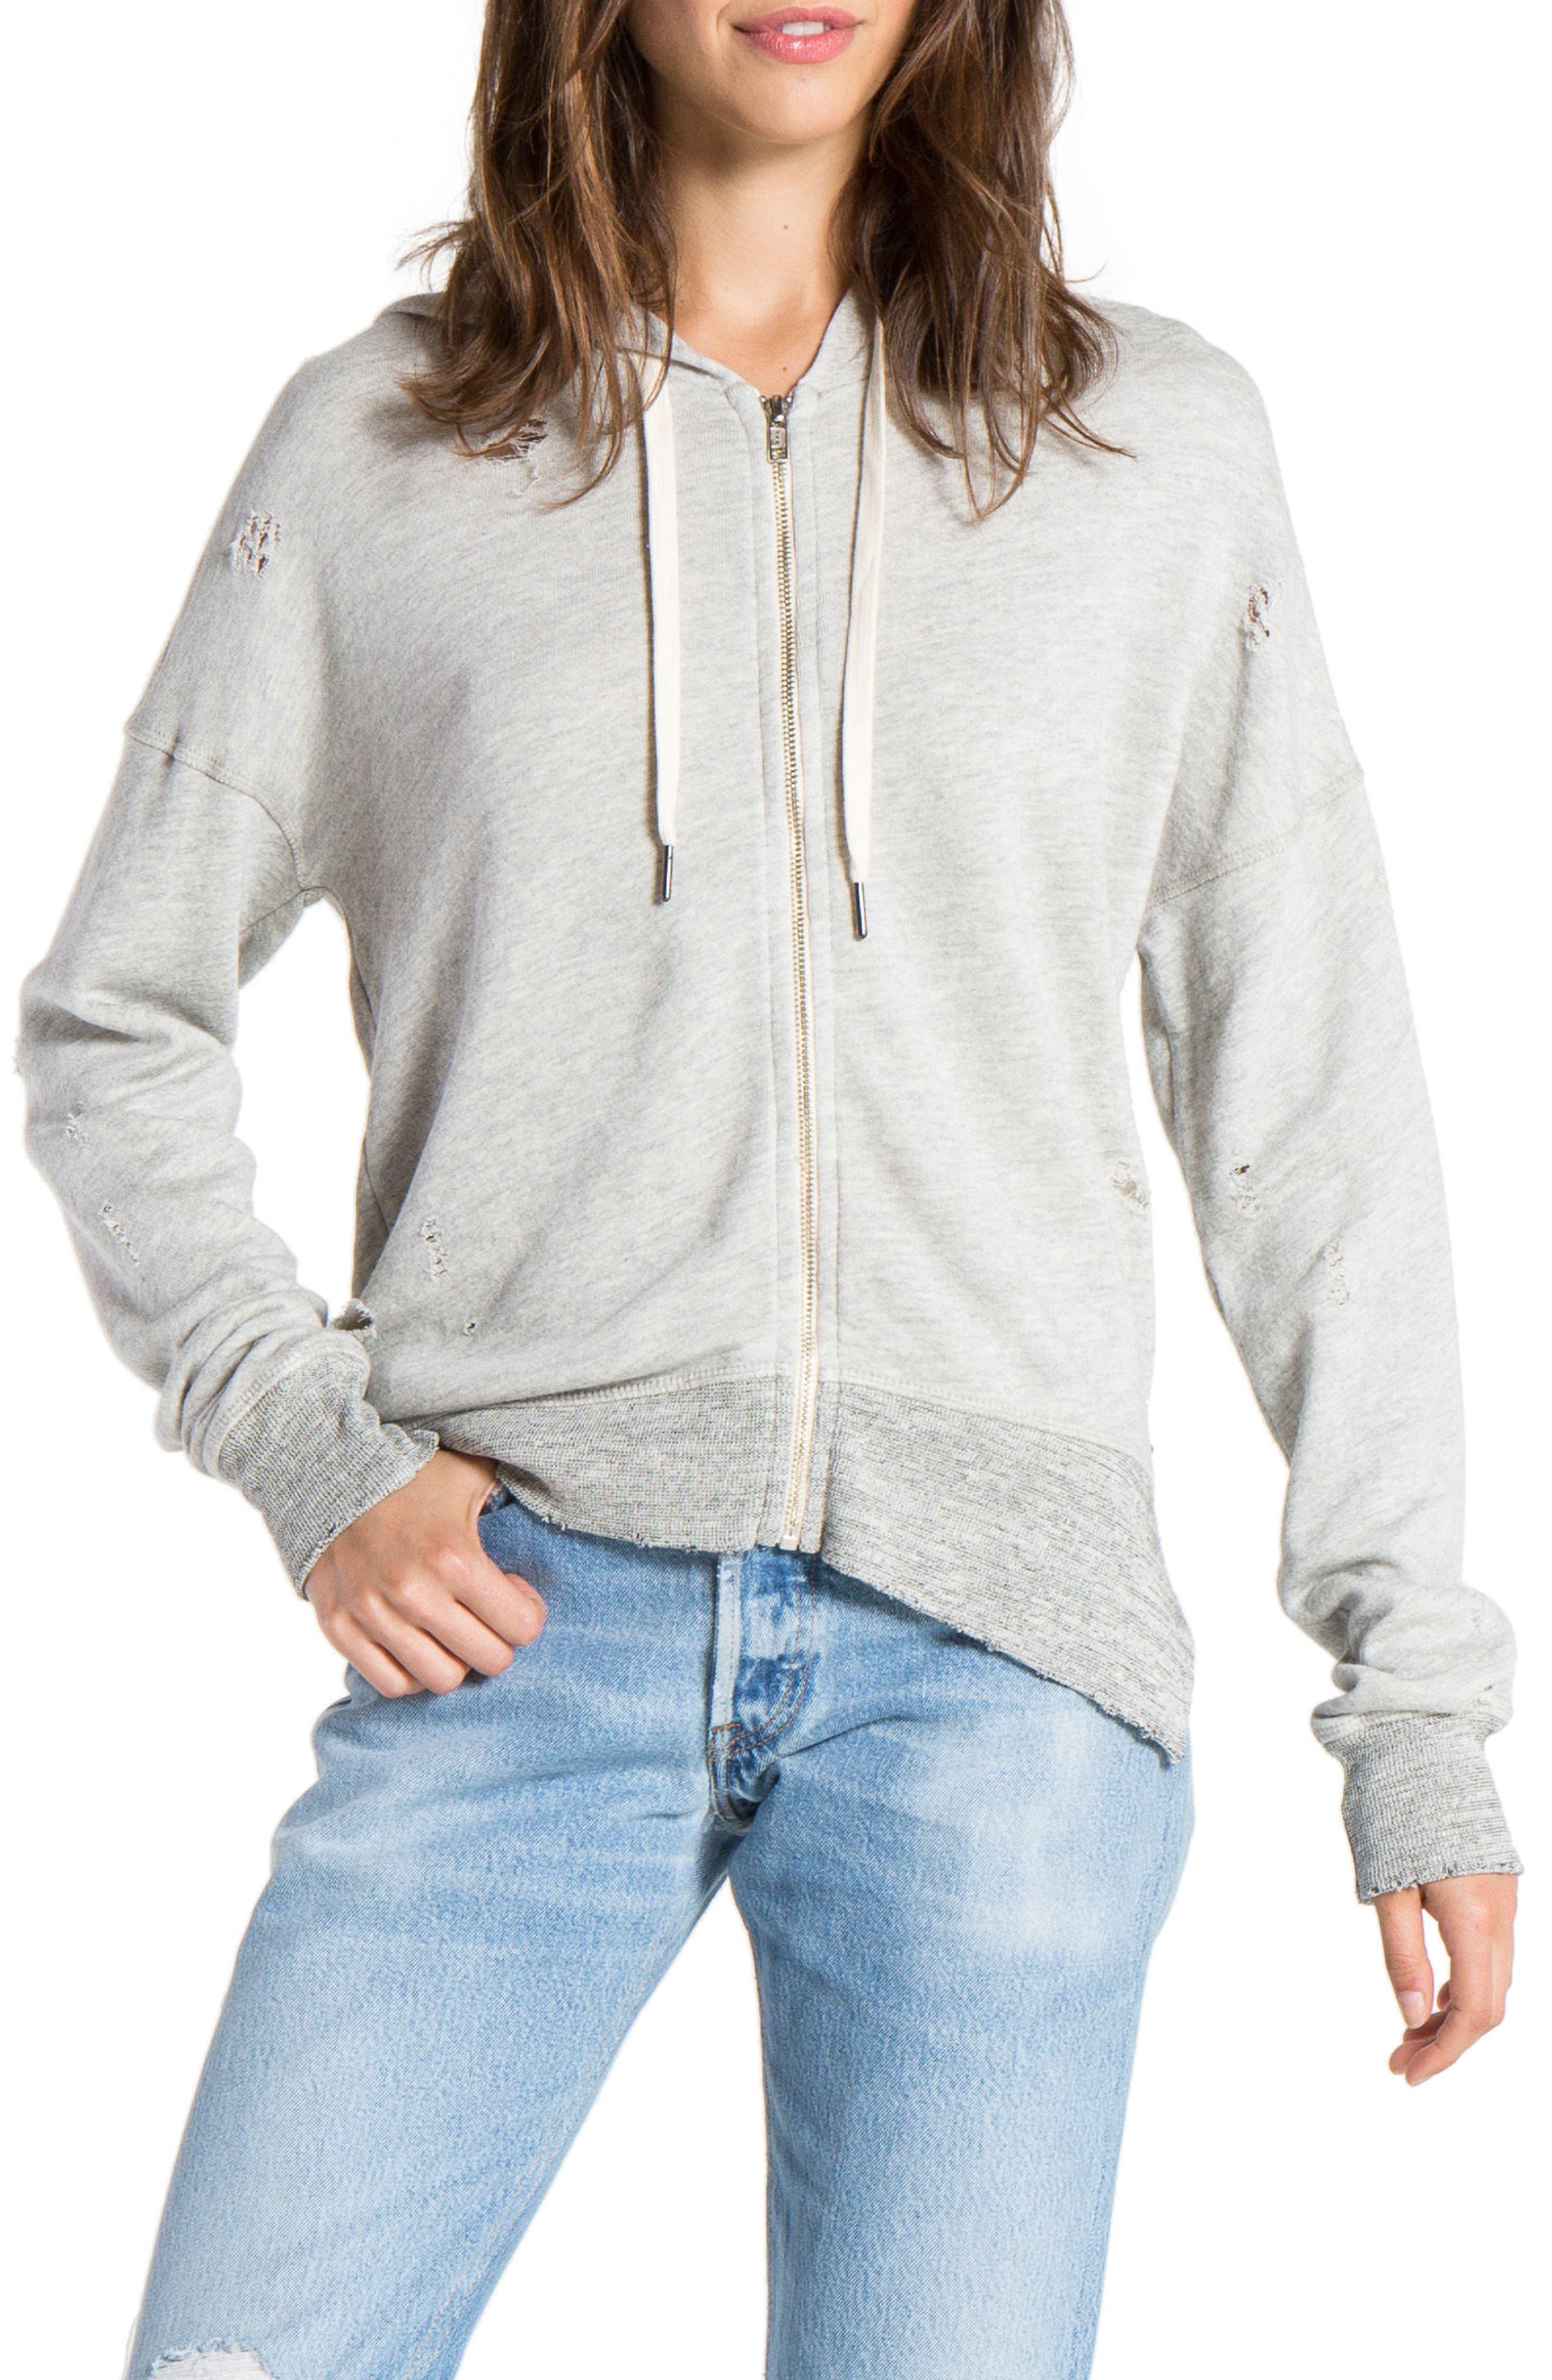 Alternate Image 1 Selected - n: PHILANTHROPY Distressed Hooded Sweatshirt